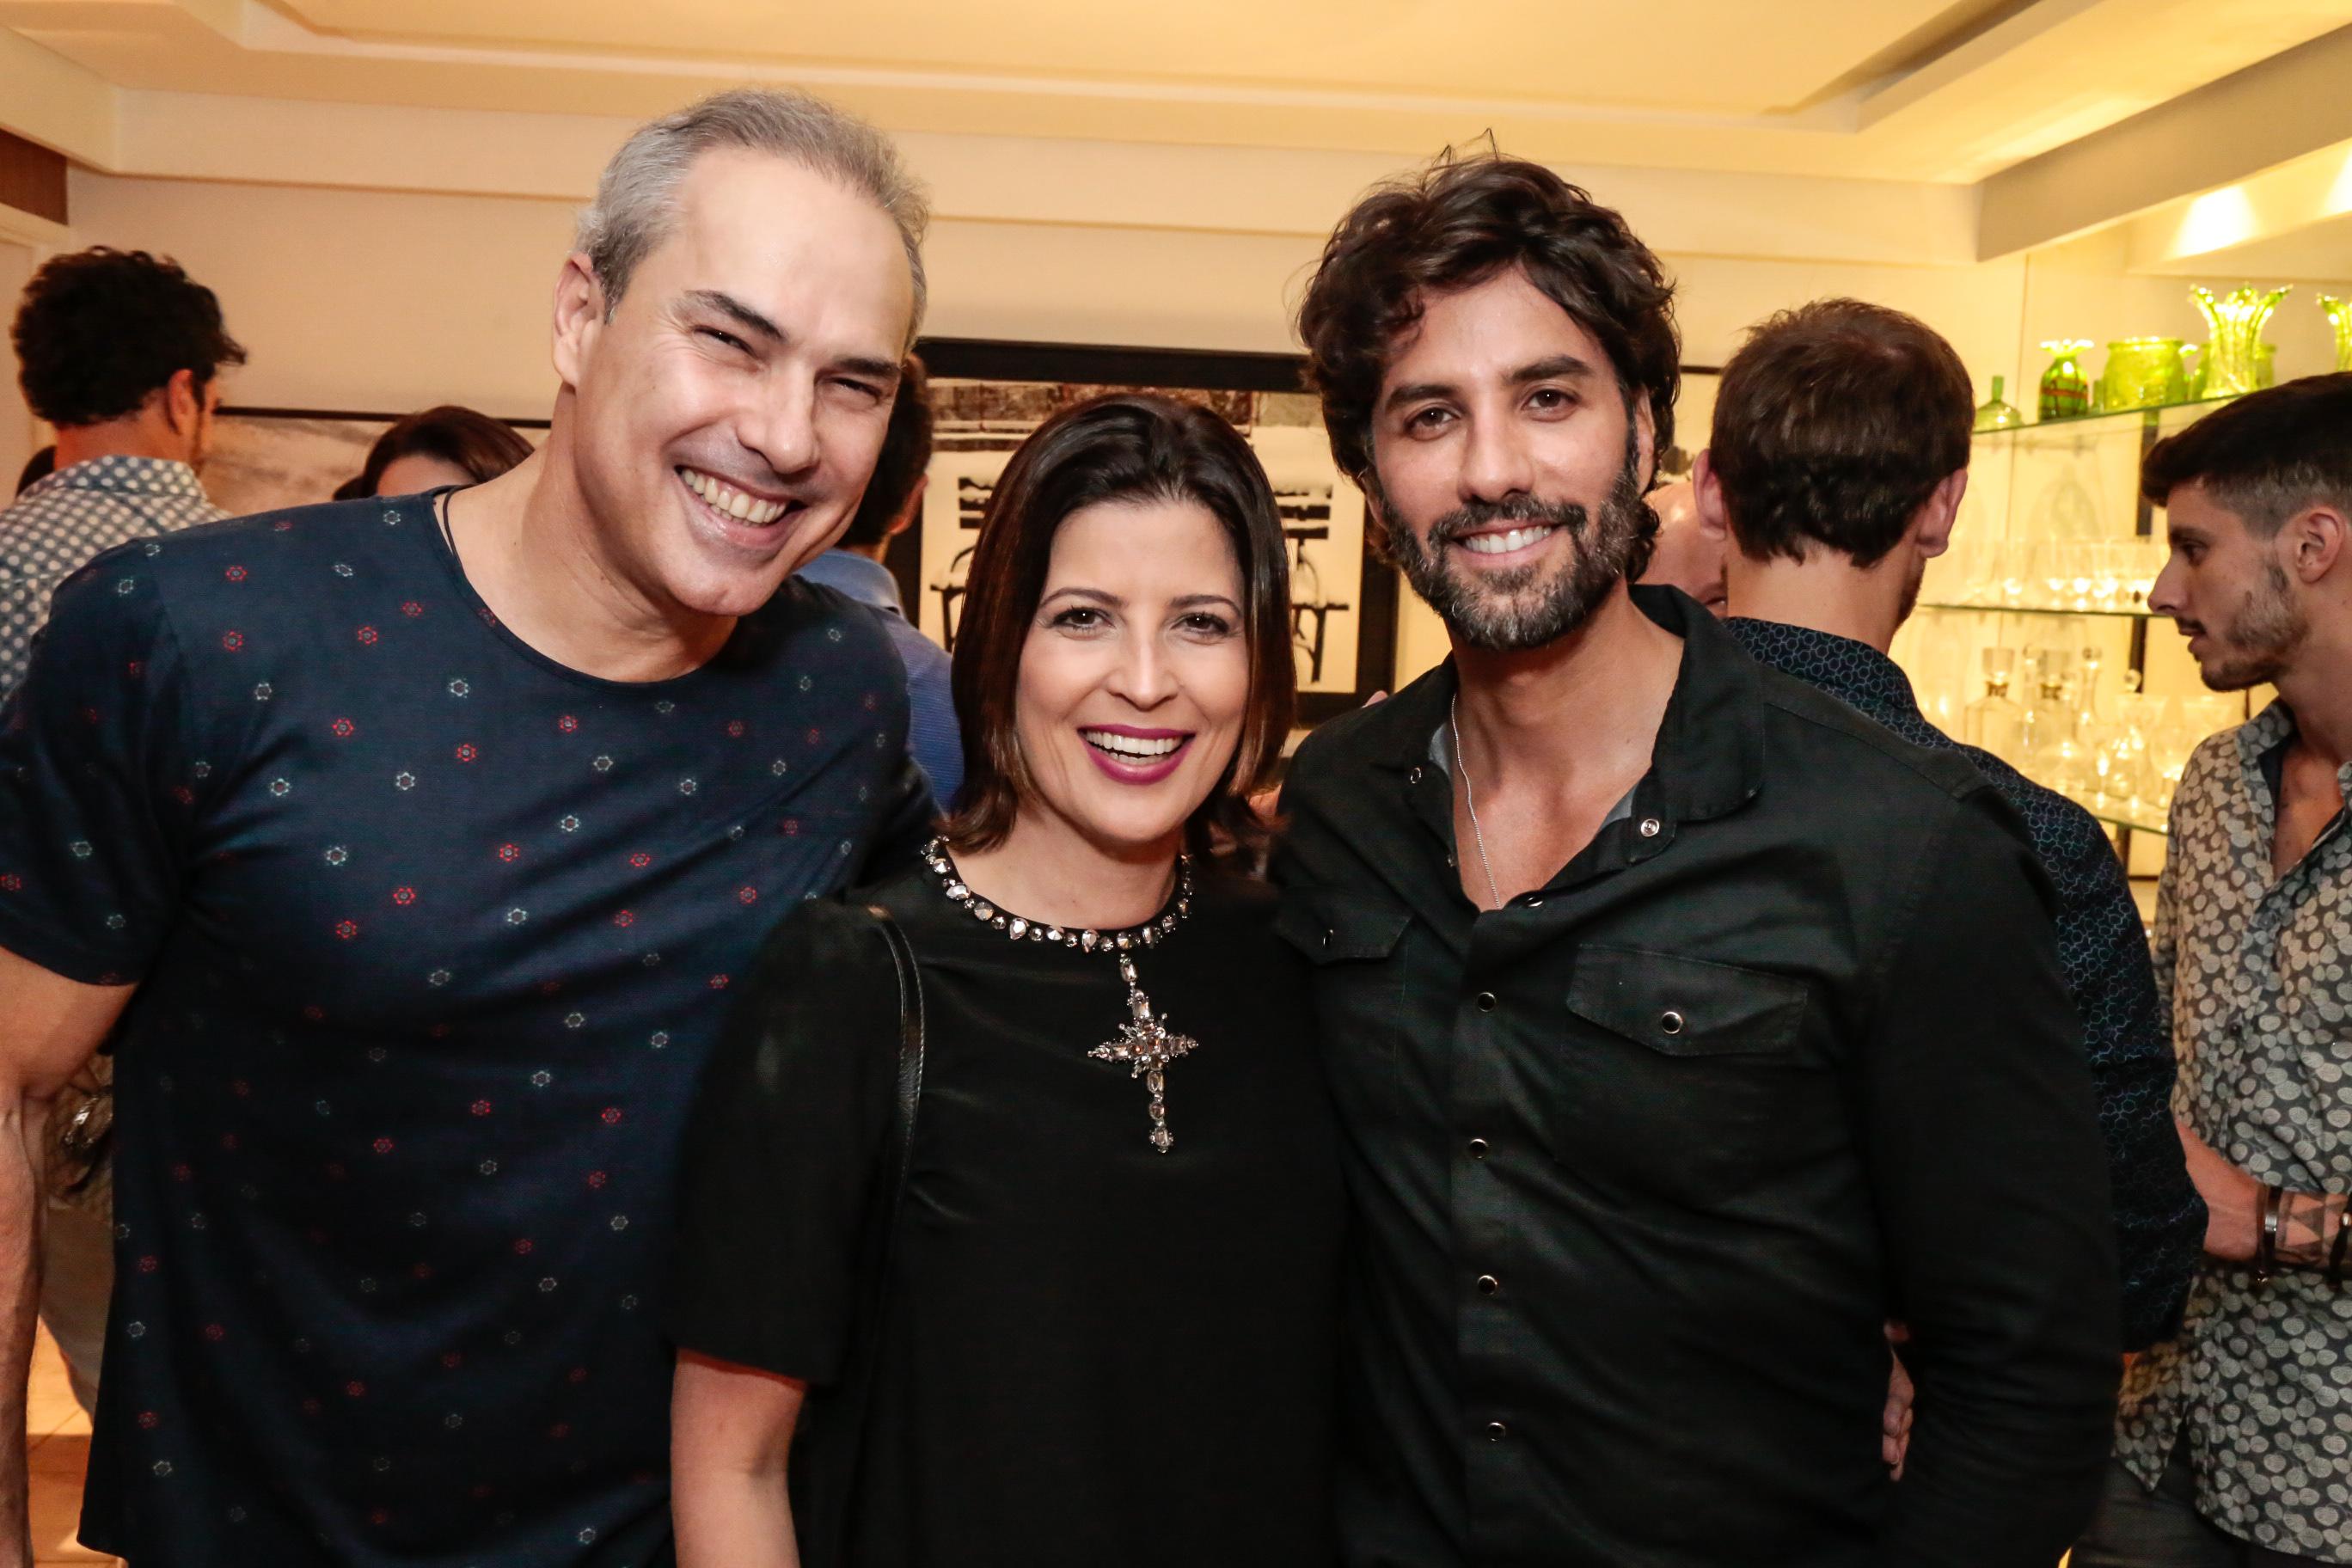 João Marinho, Carla Bensoussan e André Caricio - Crédito: Gleyson Ramos/Divulgação